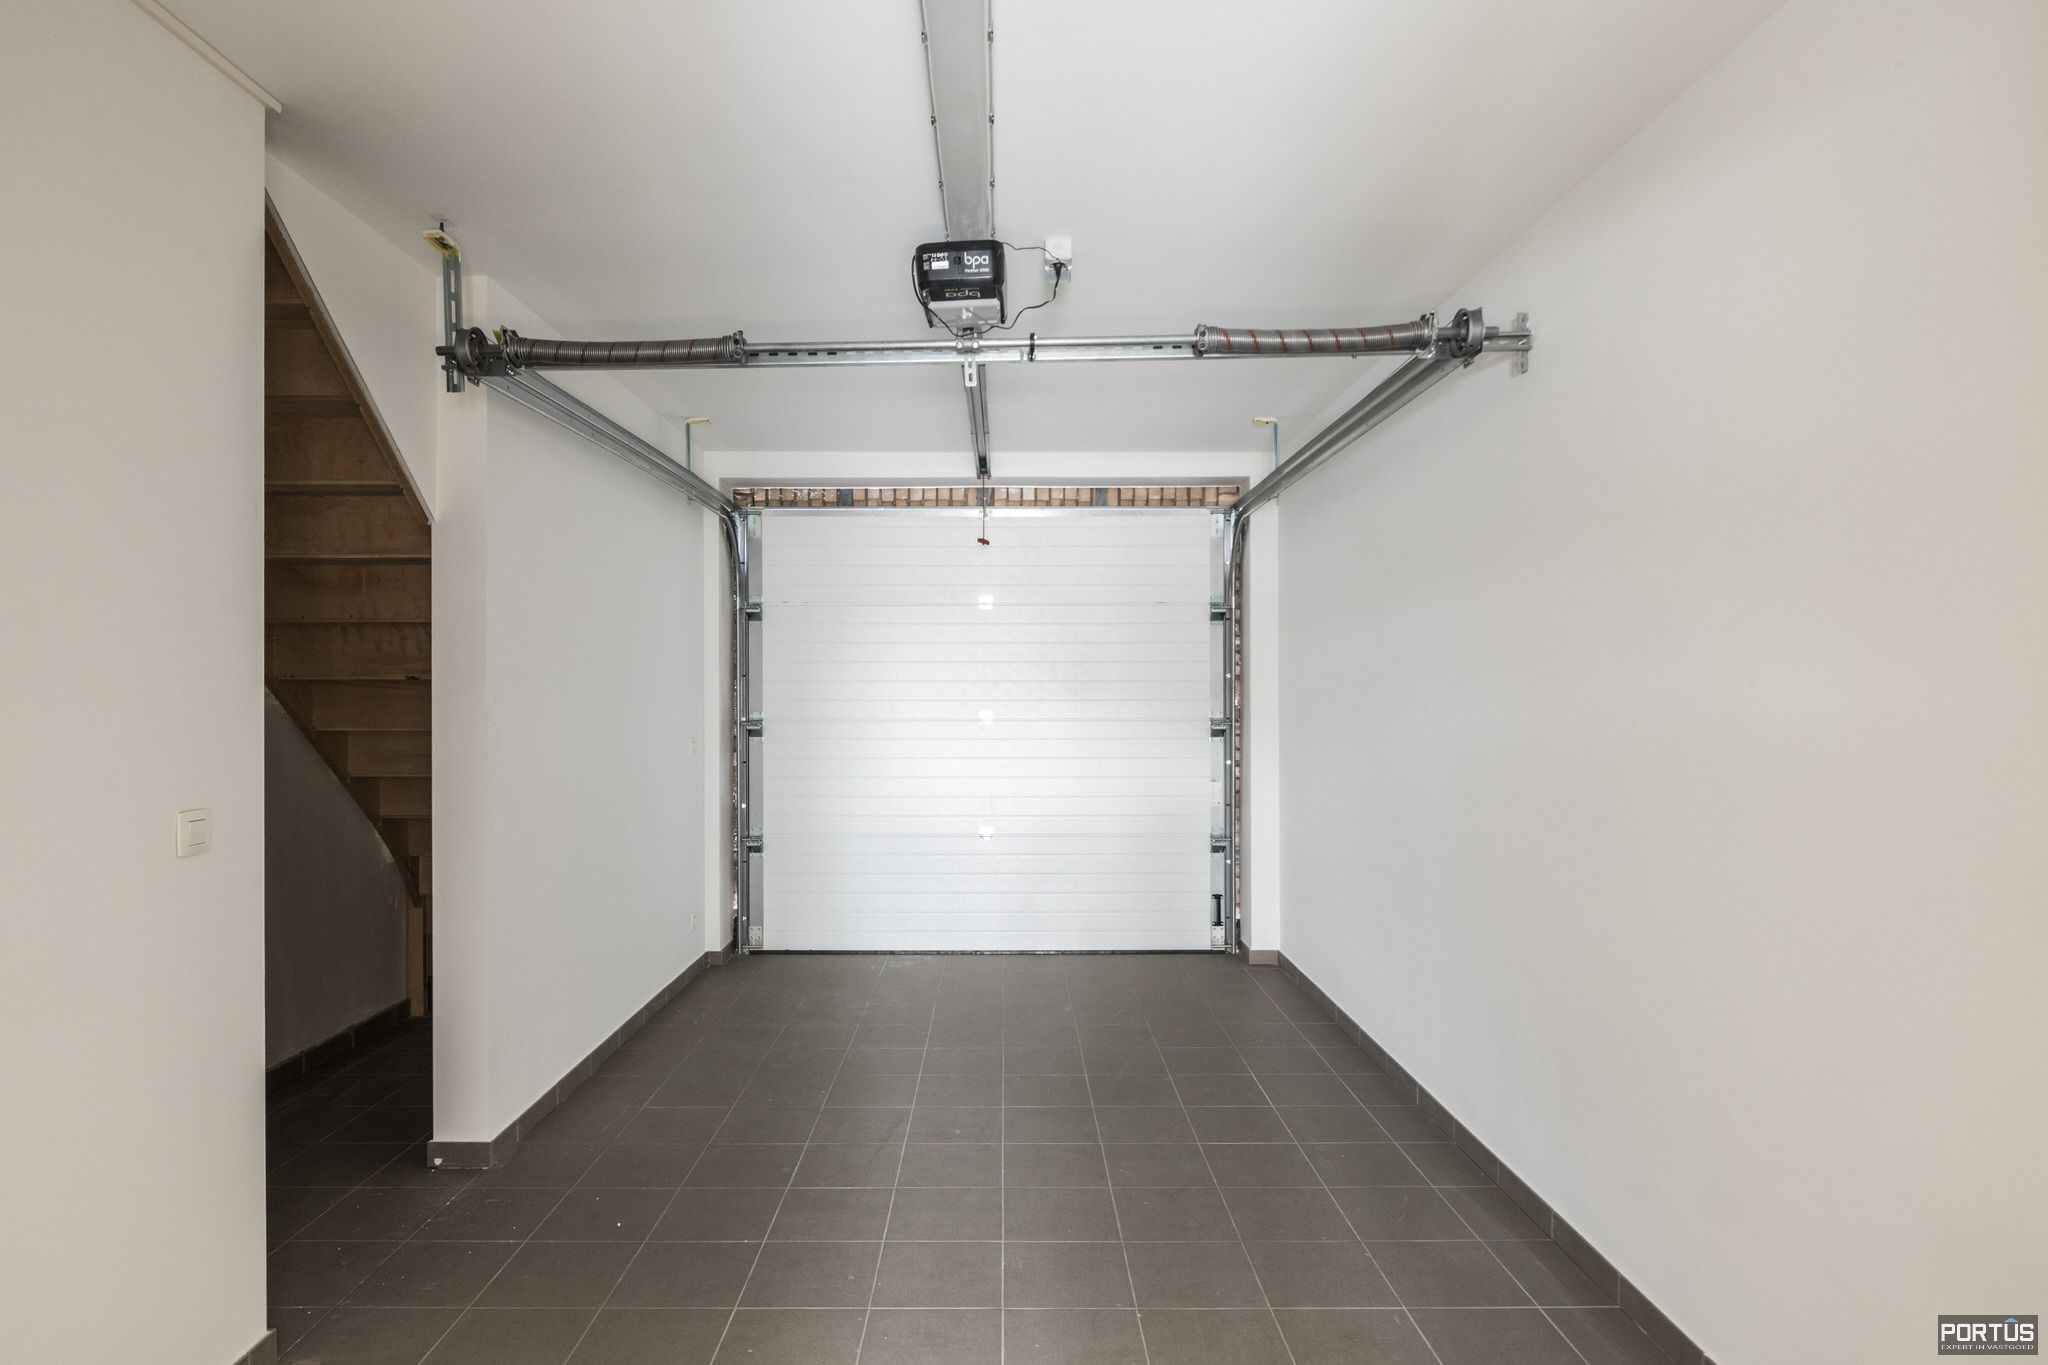 Nieuwbouwwoning met 4 slaapkamers te koop te Lombardsijde - 11827